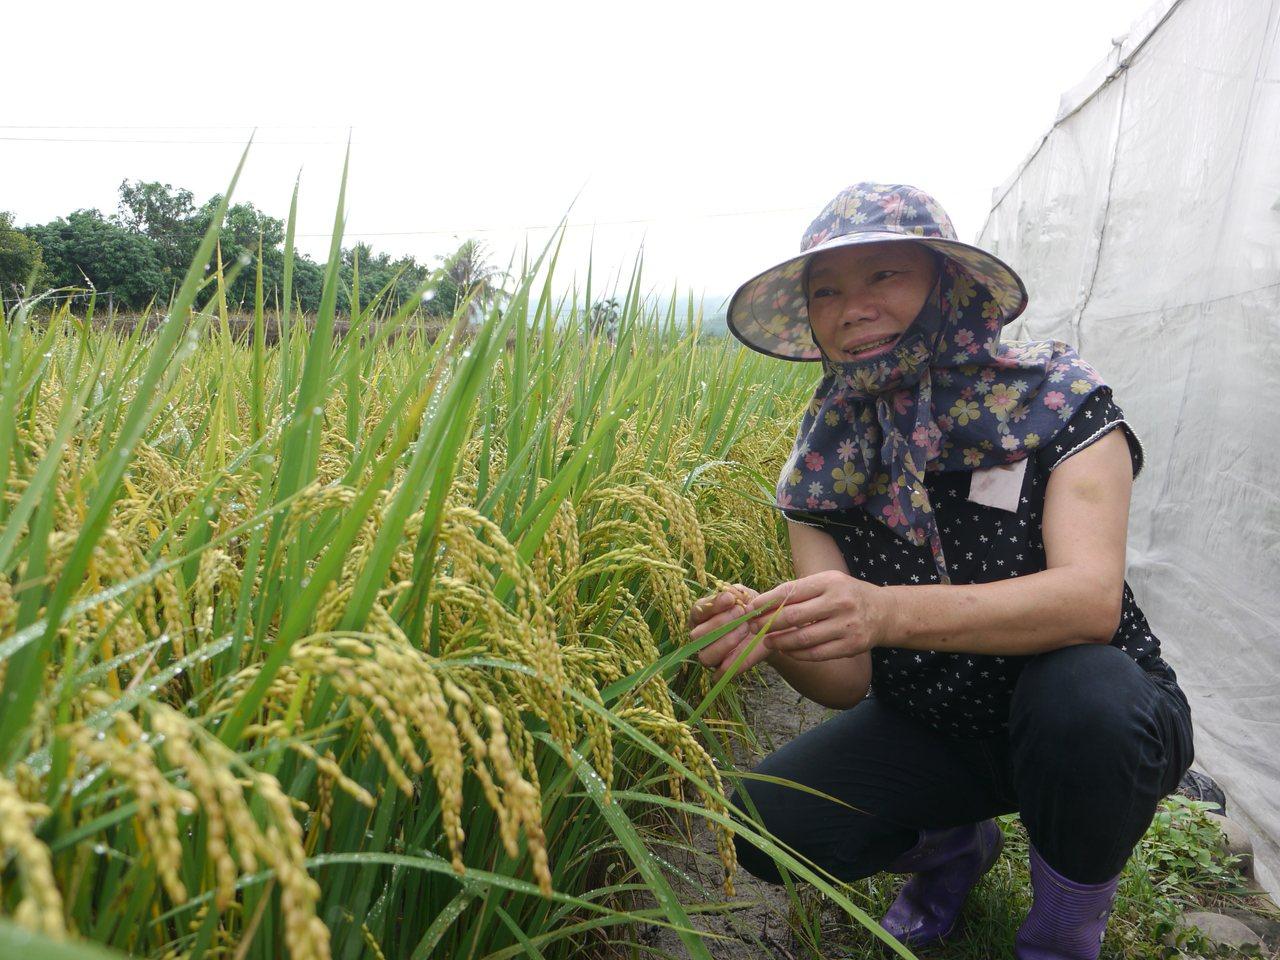 邱俊英返鄉後才投入農業,以友善耕作的方式來愛護家鄉。記者徐白櫻/攝影